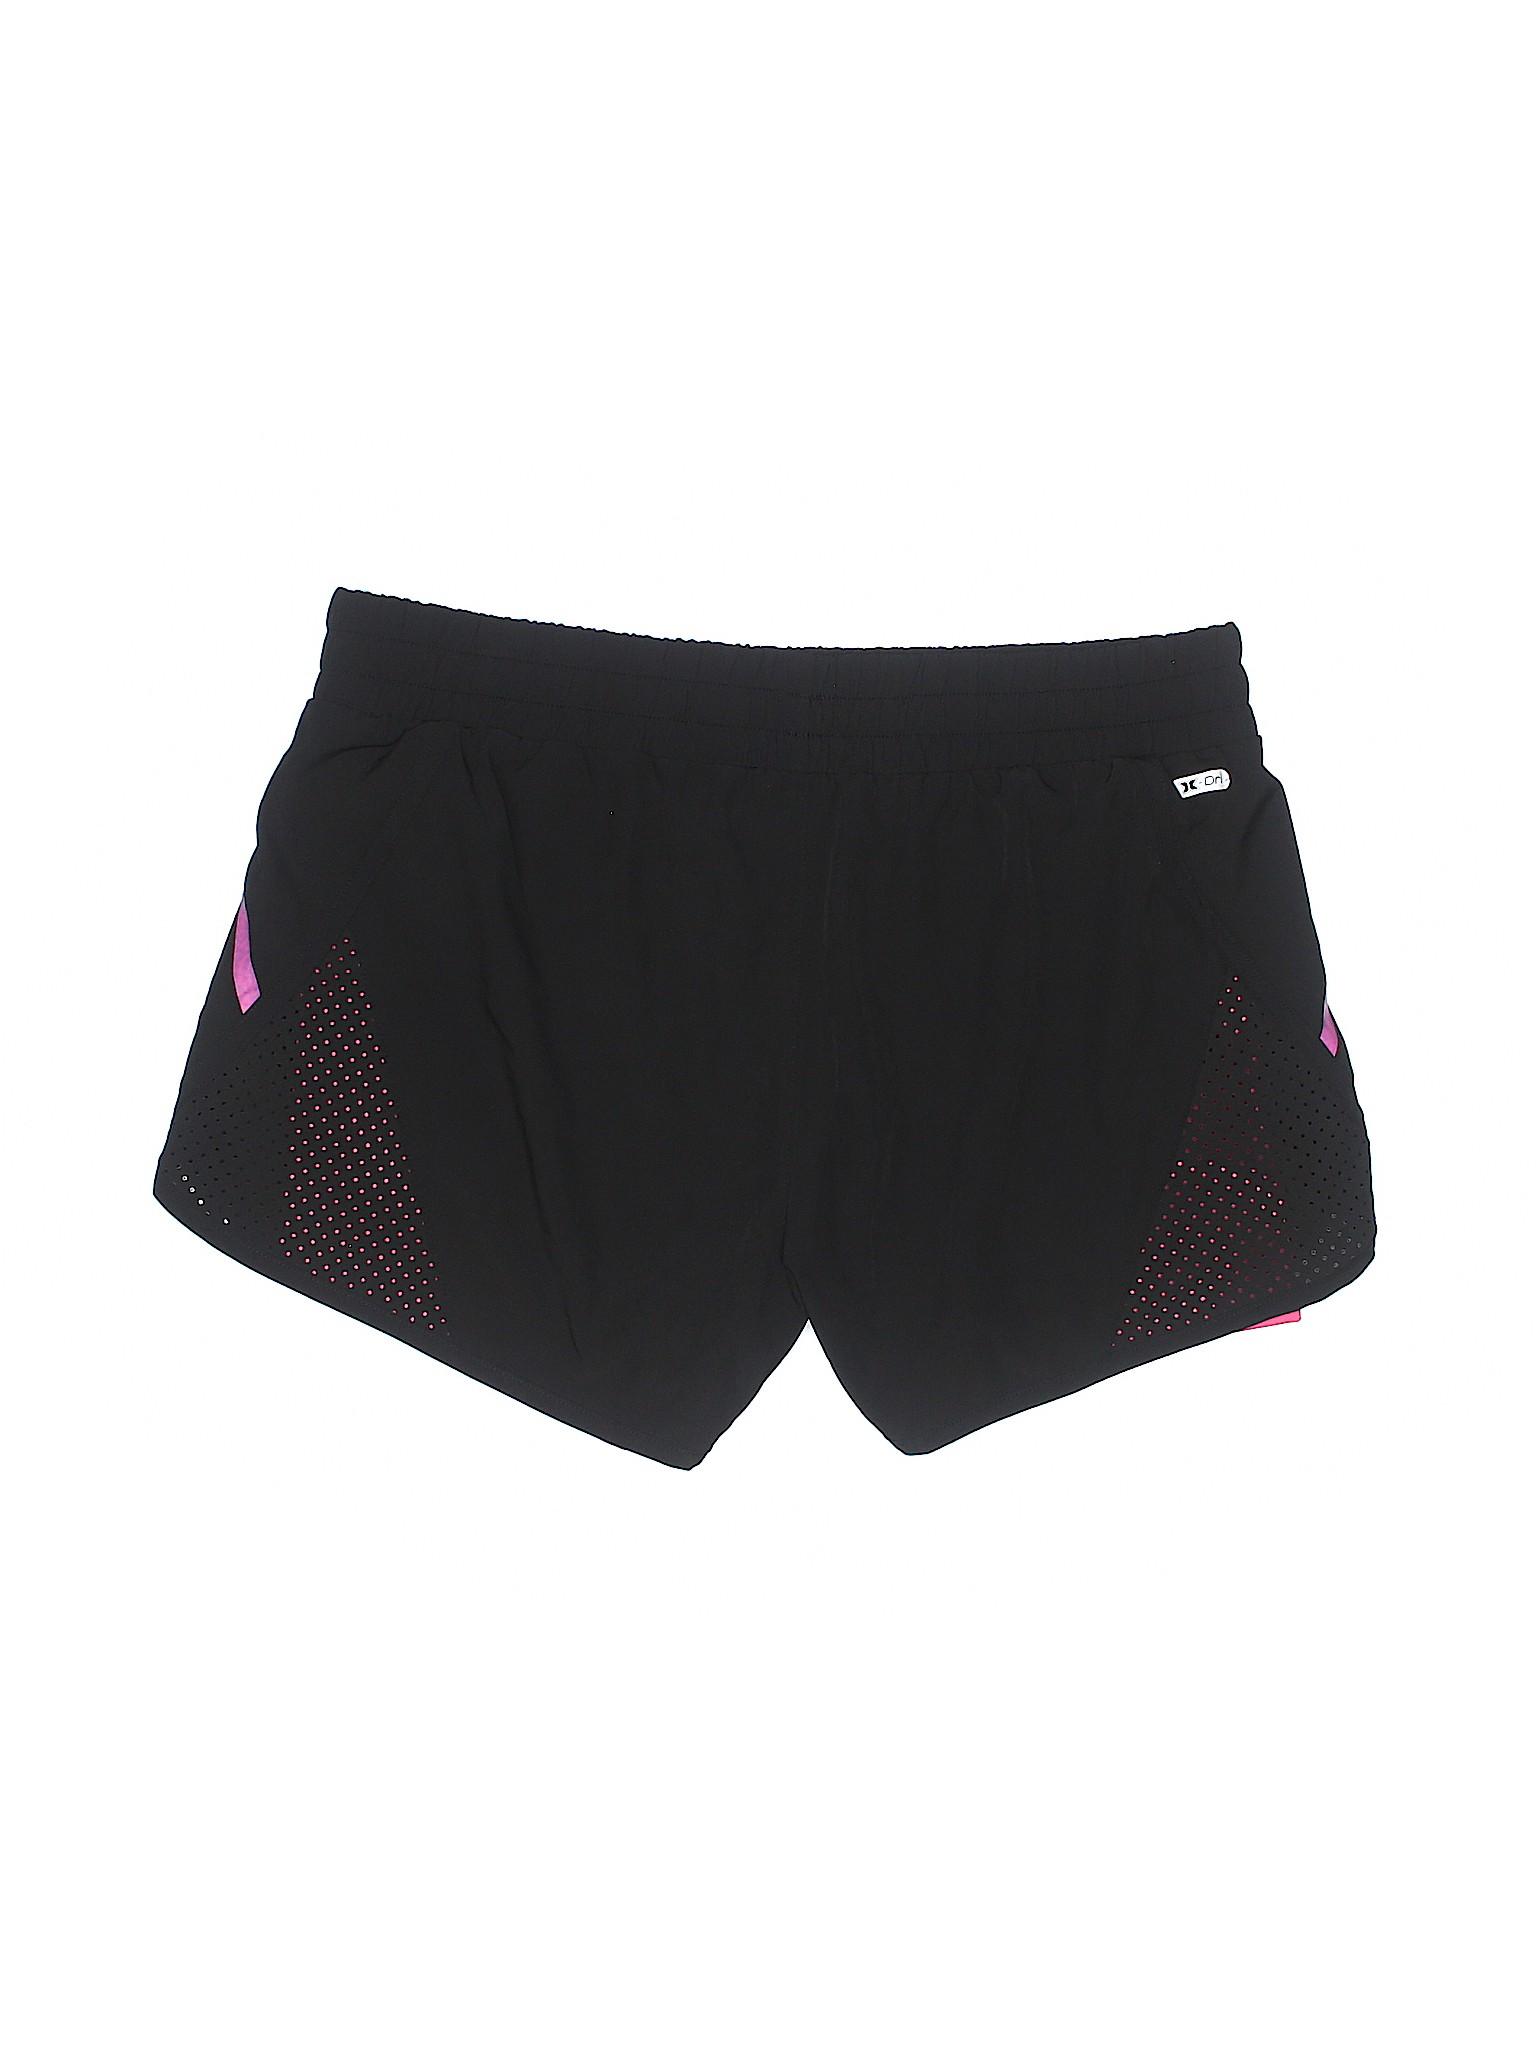 Boutique RBX RBX Athletic Athletic Shorts Shorts Boutique Boutique RBX BI6wdYqI